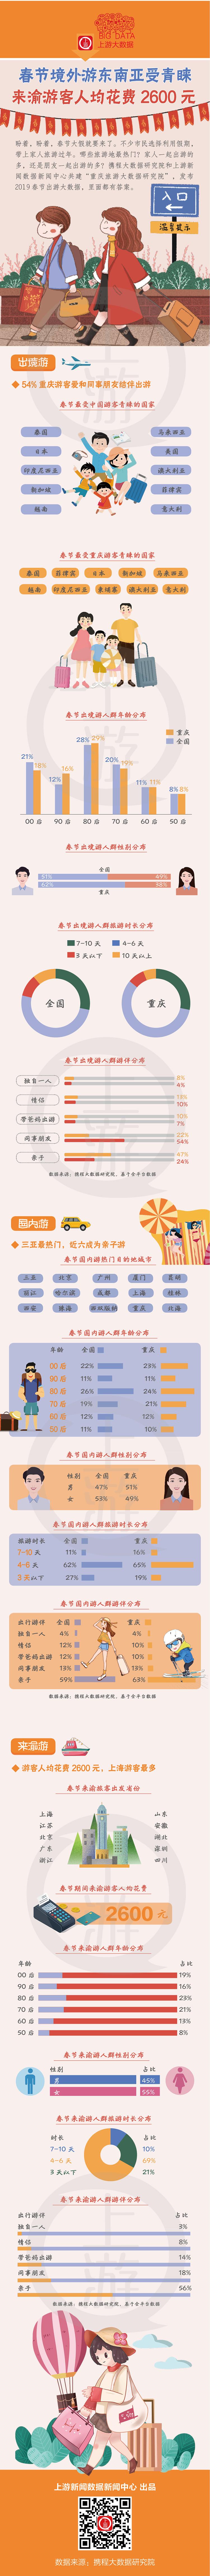 春节旅游大数据.jpg